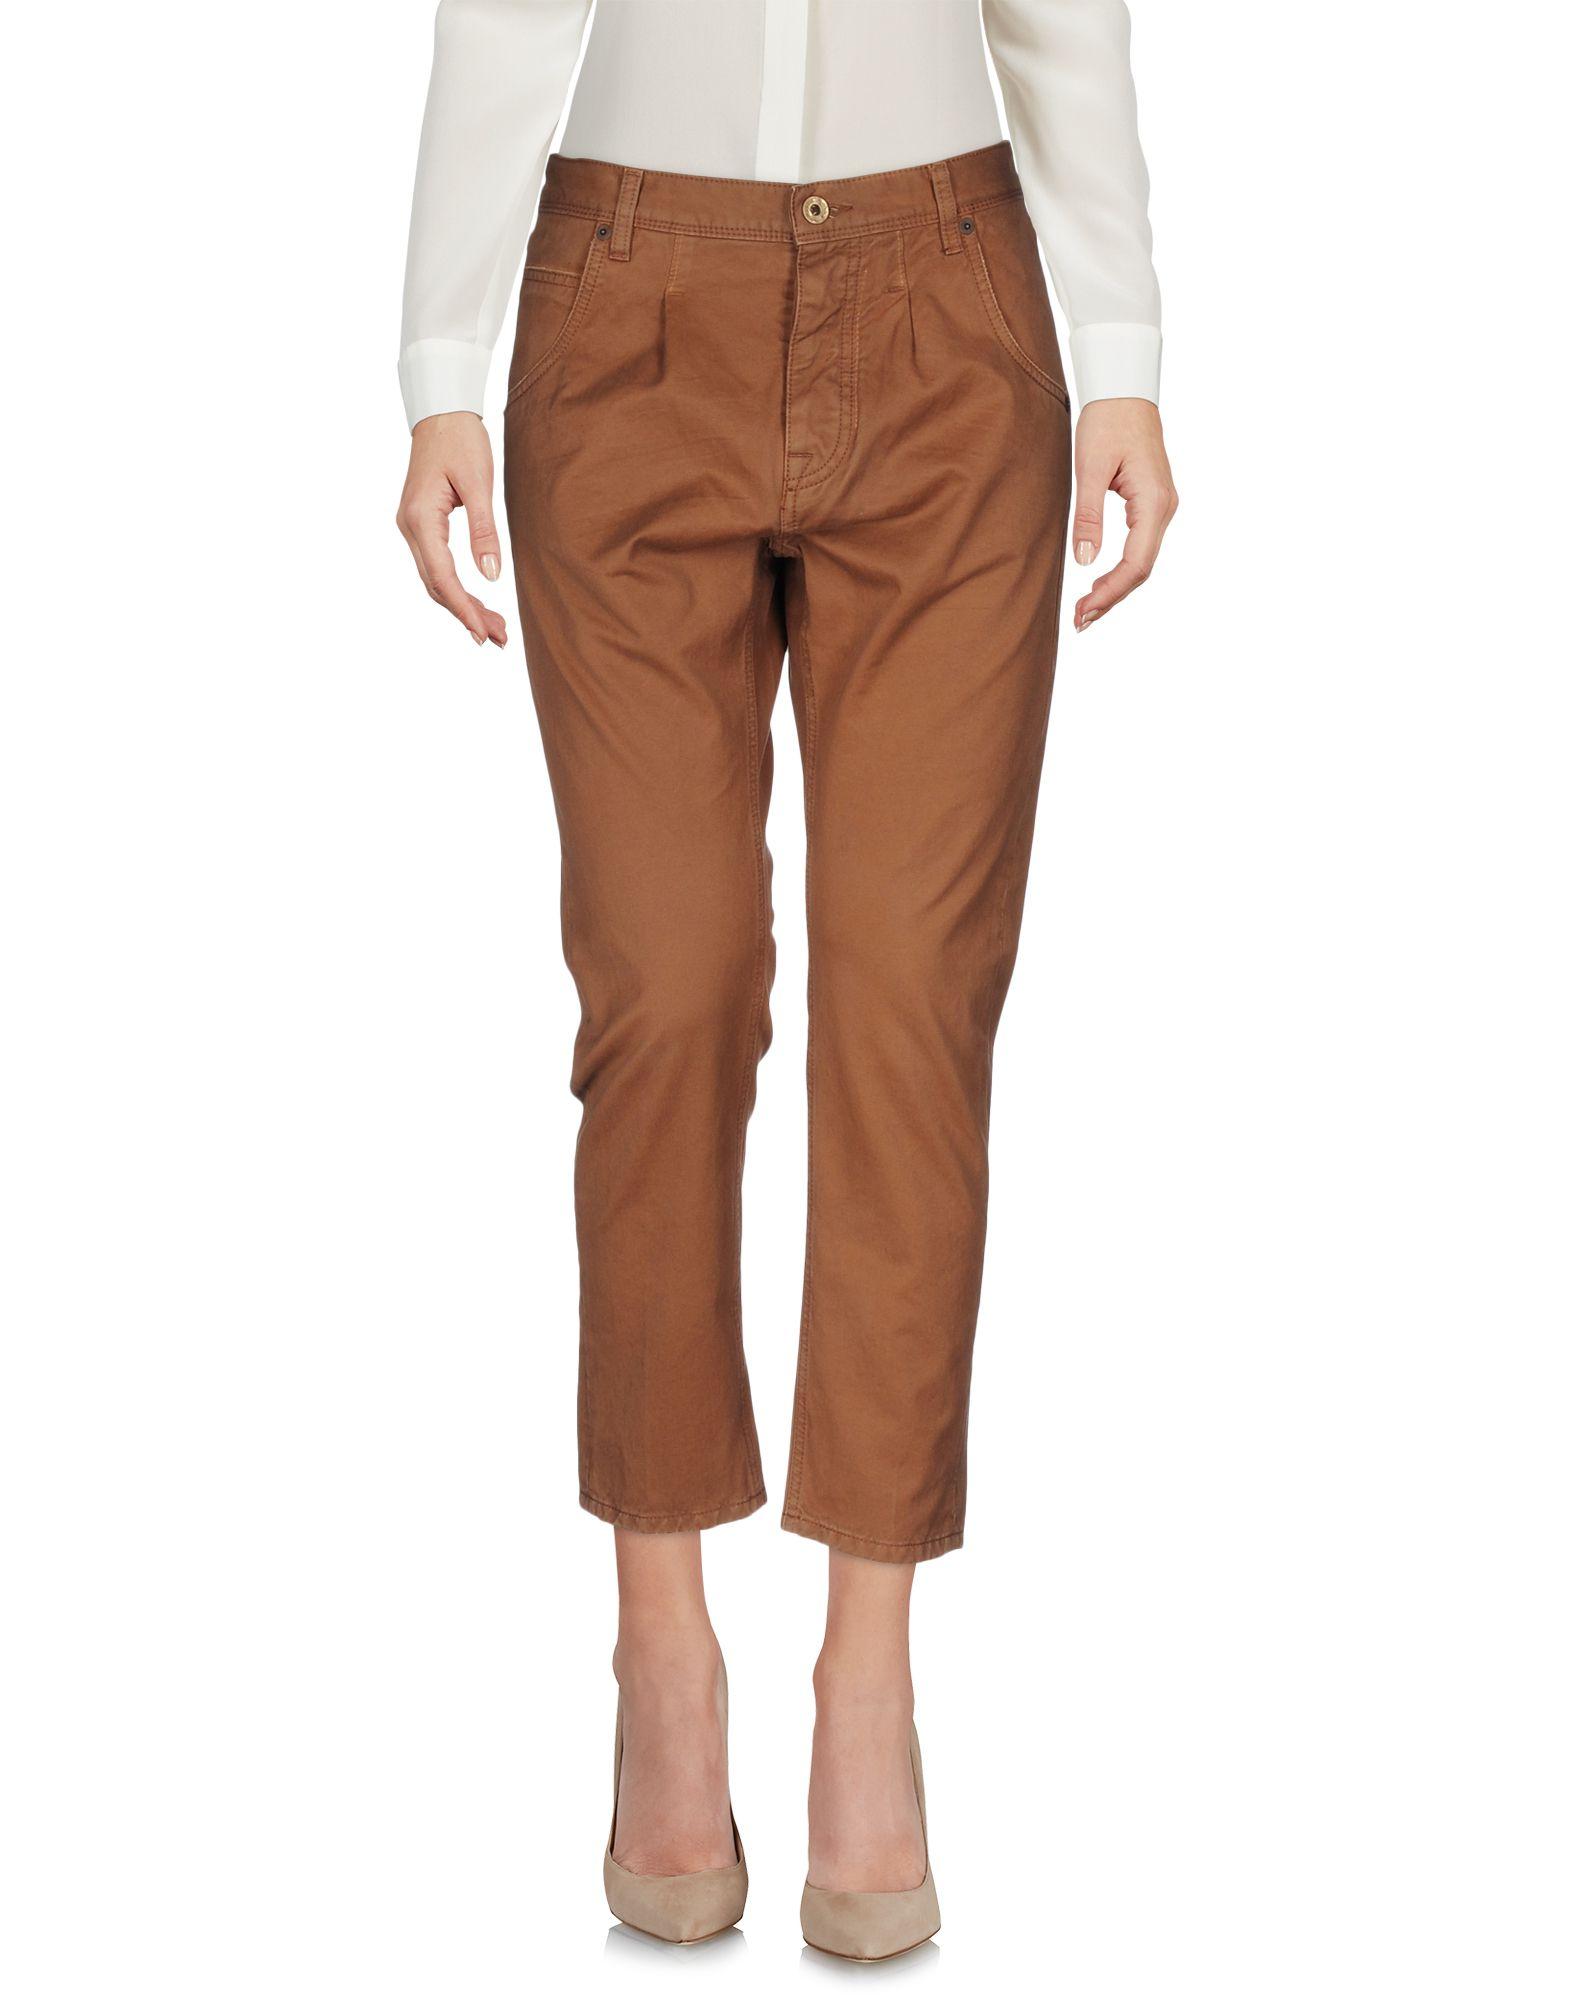 Pantalone Pantalone Pantalone Dritto Pence donna - 13005744OT b63